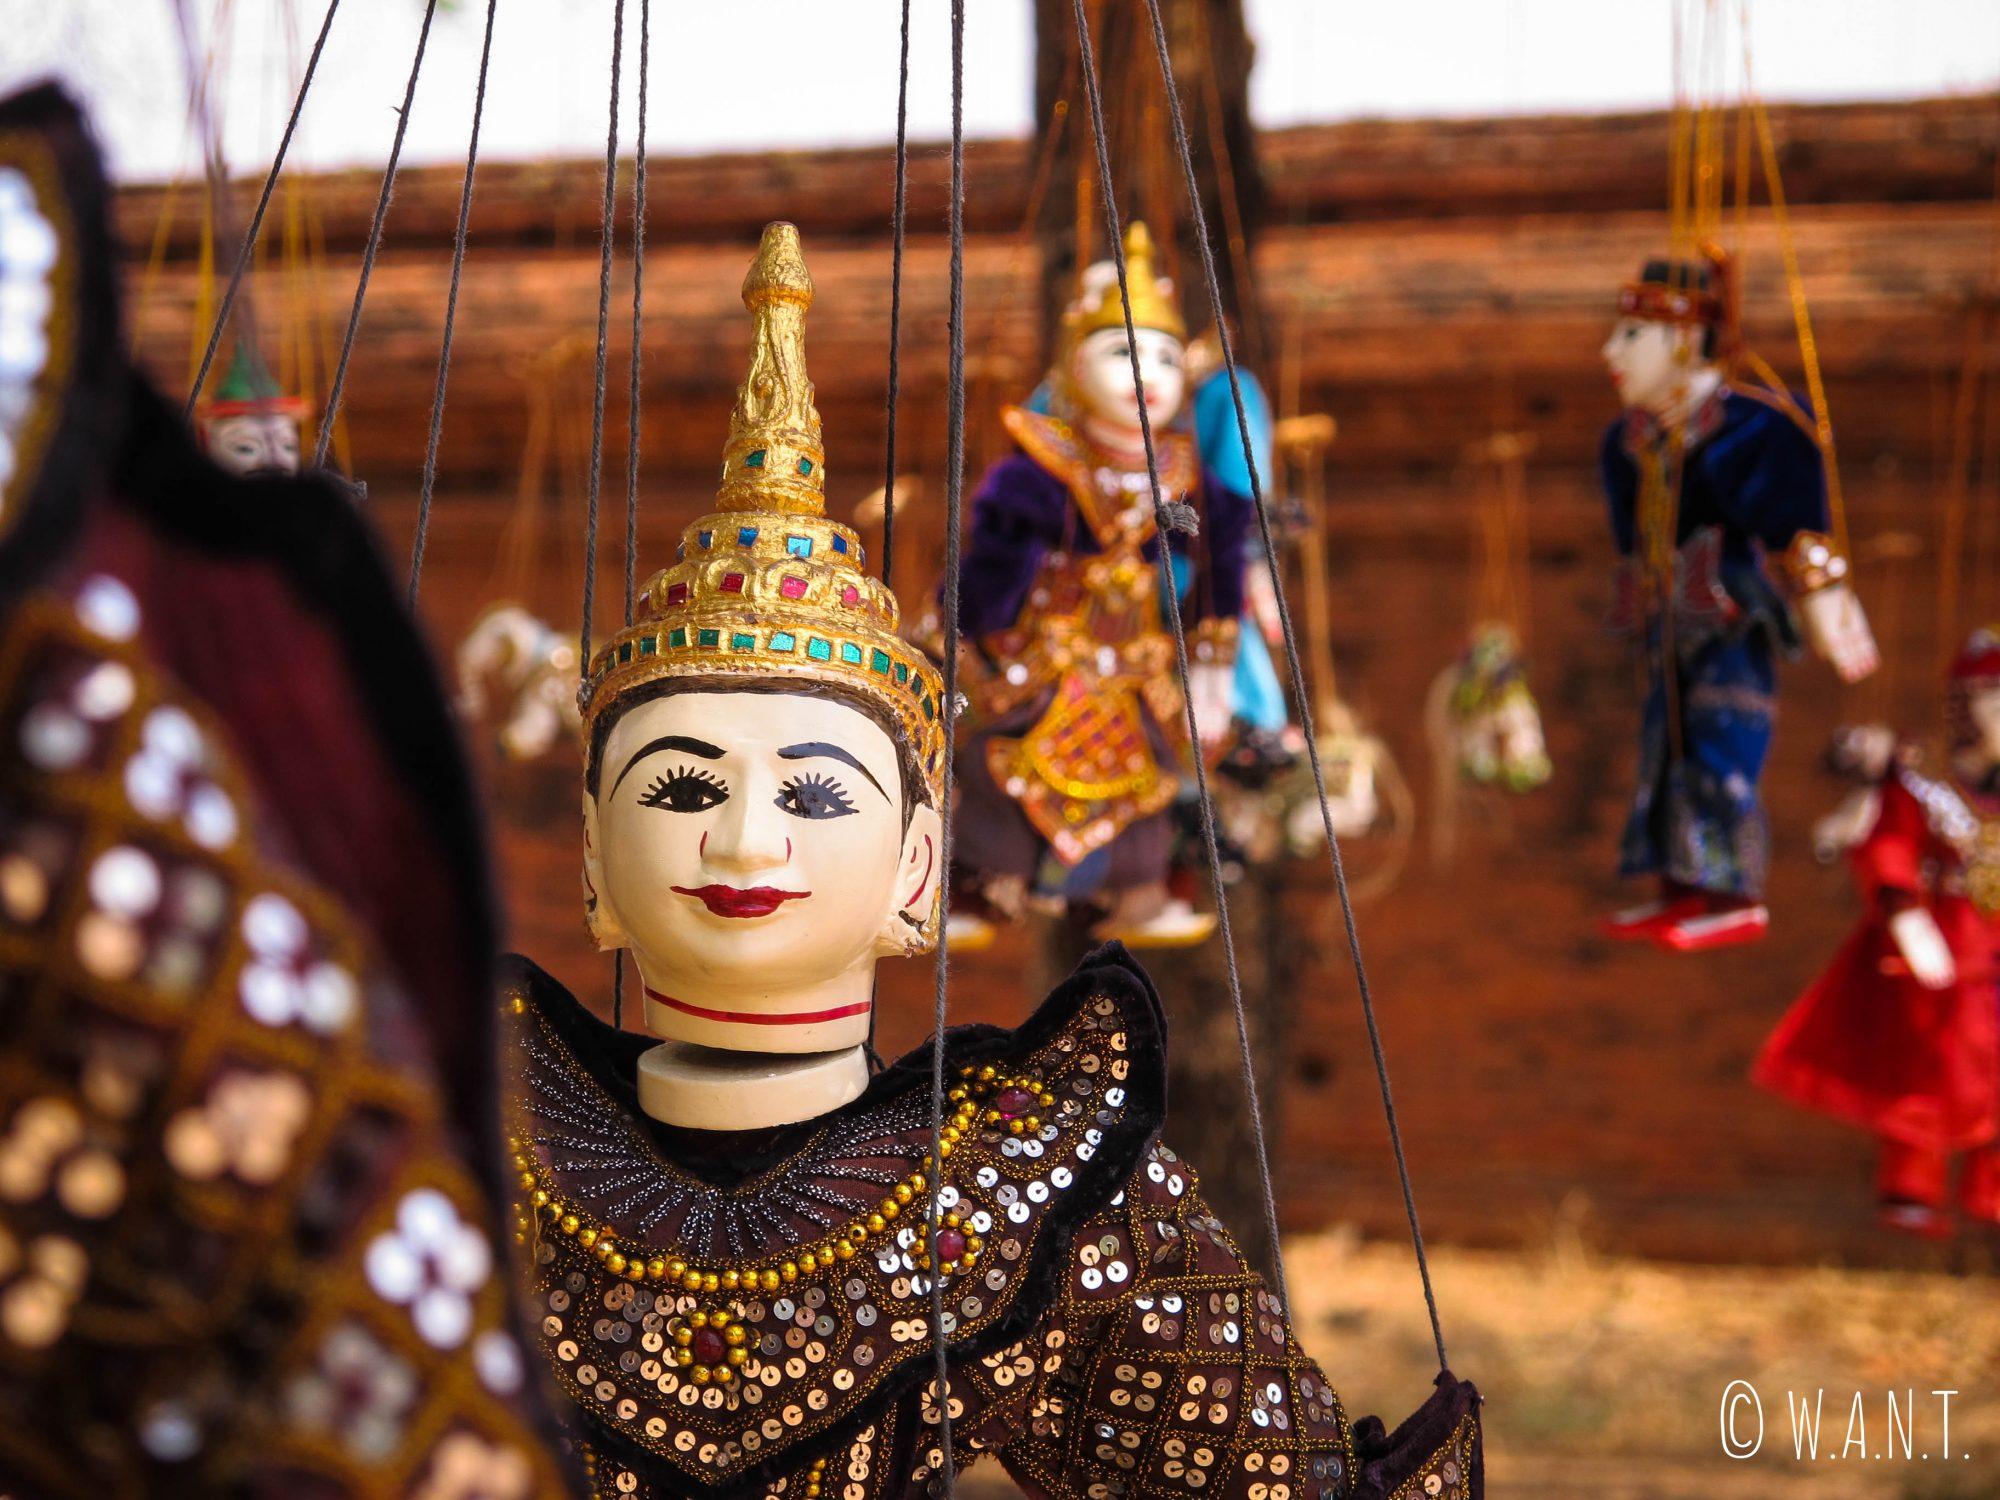 Les marionnettes occupent une place importante dans la culture birmane